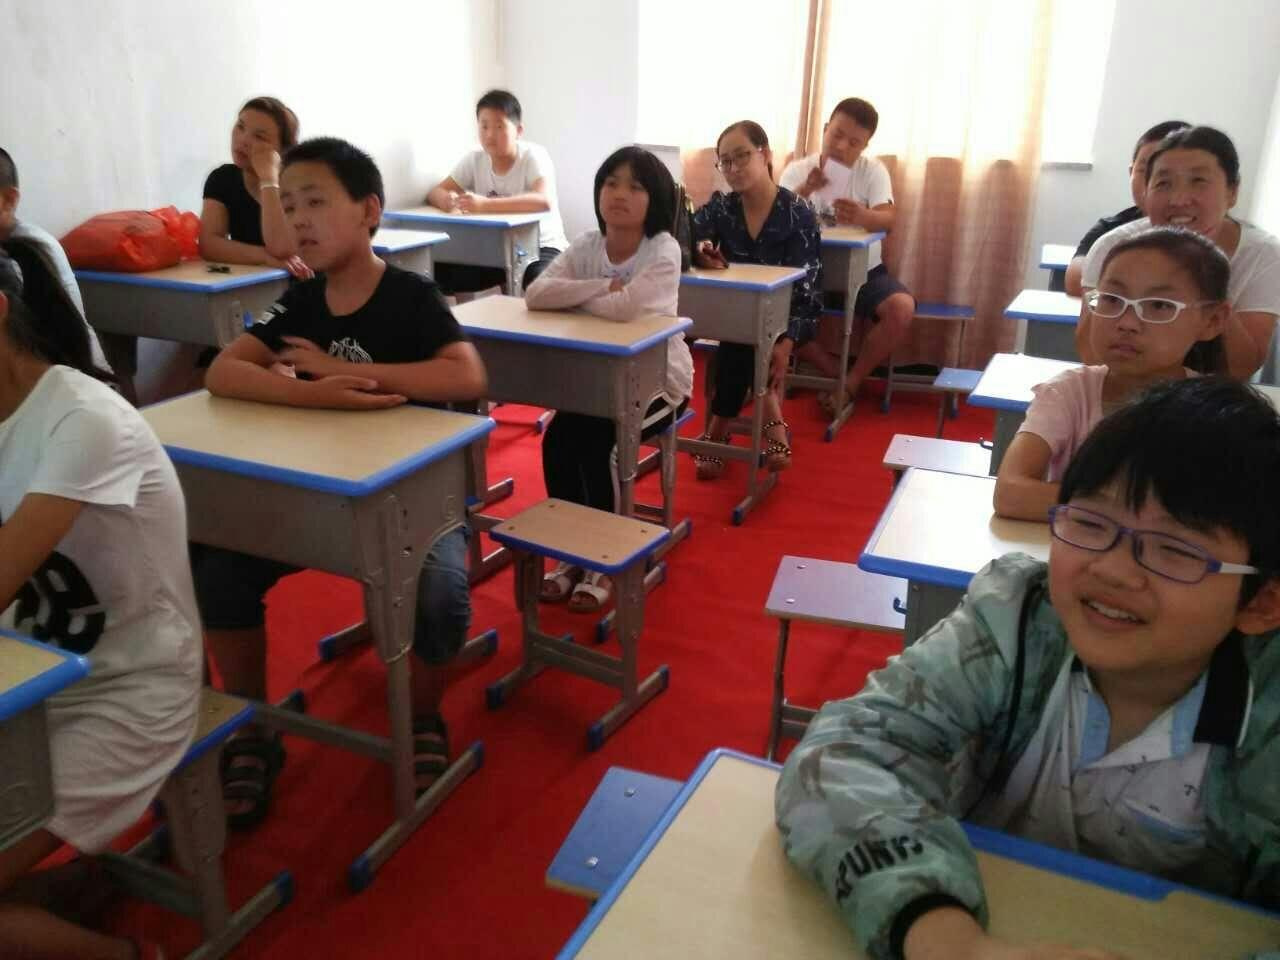 李阳英语培训学校-惠课堂-西祠胡同